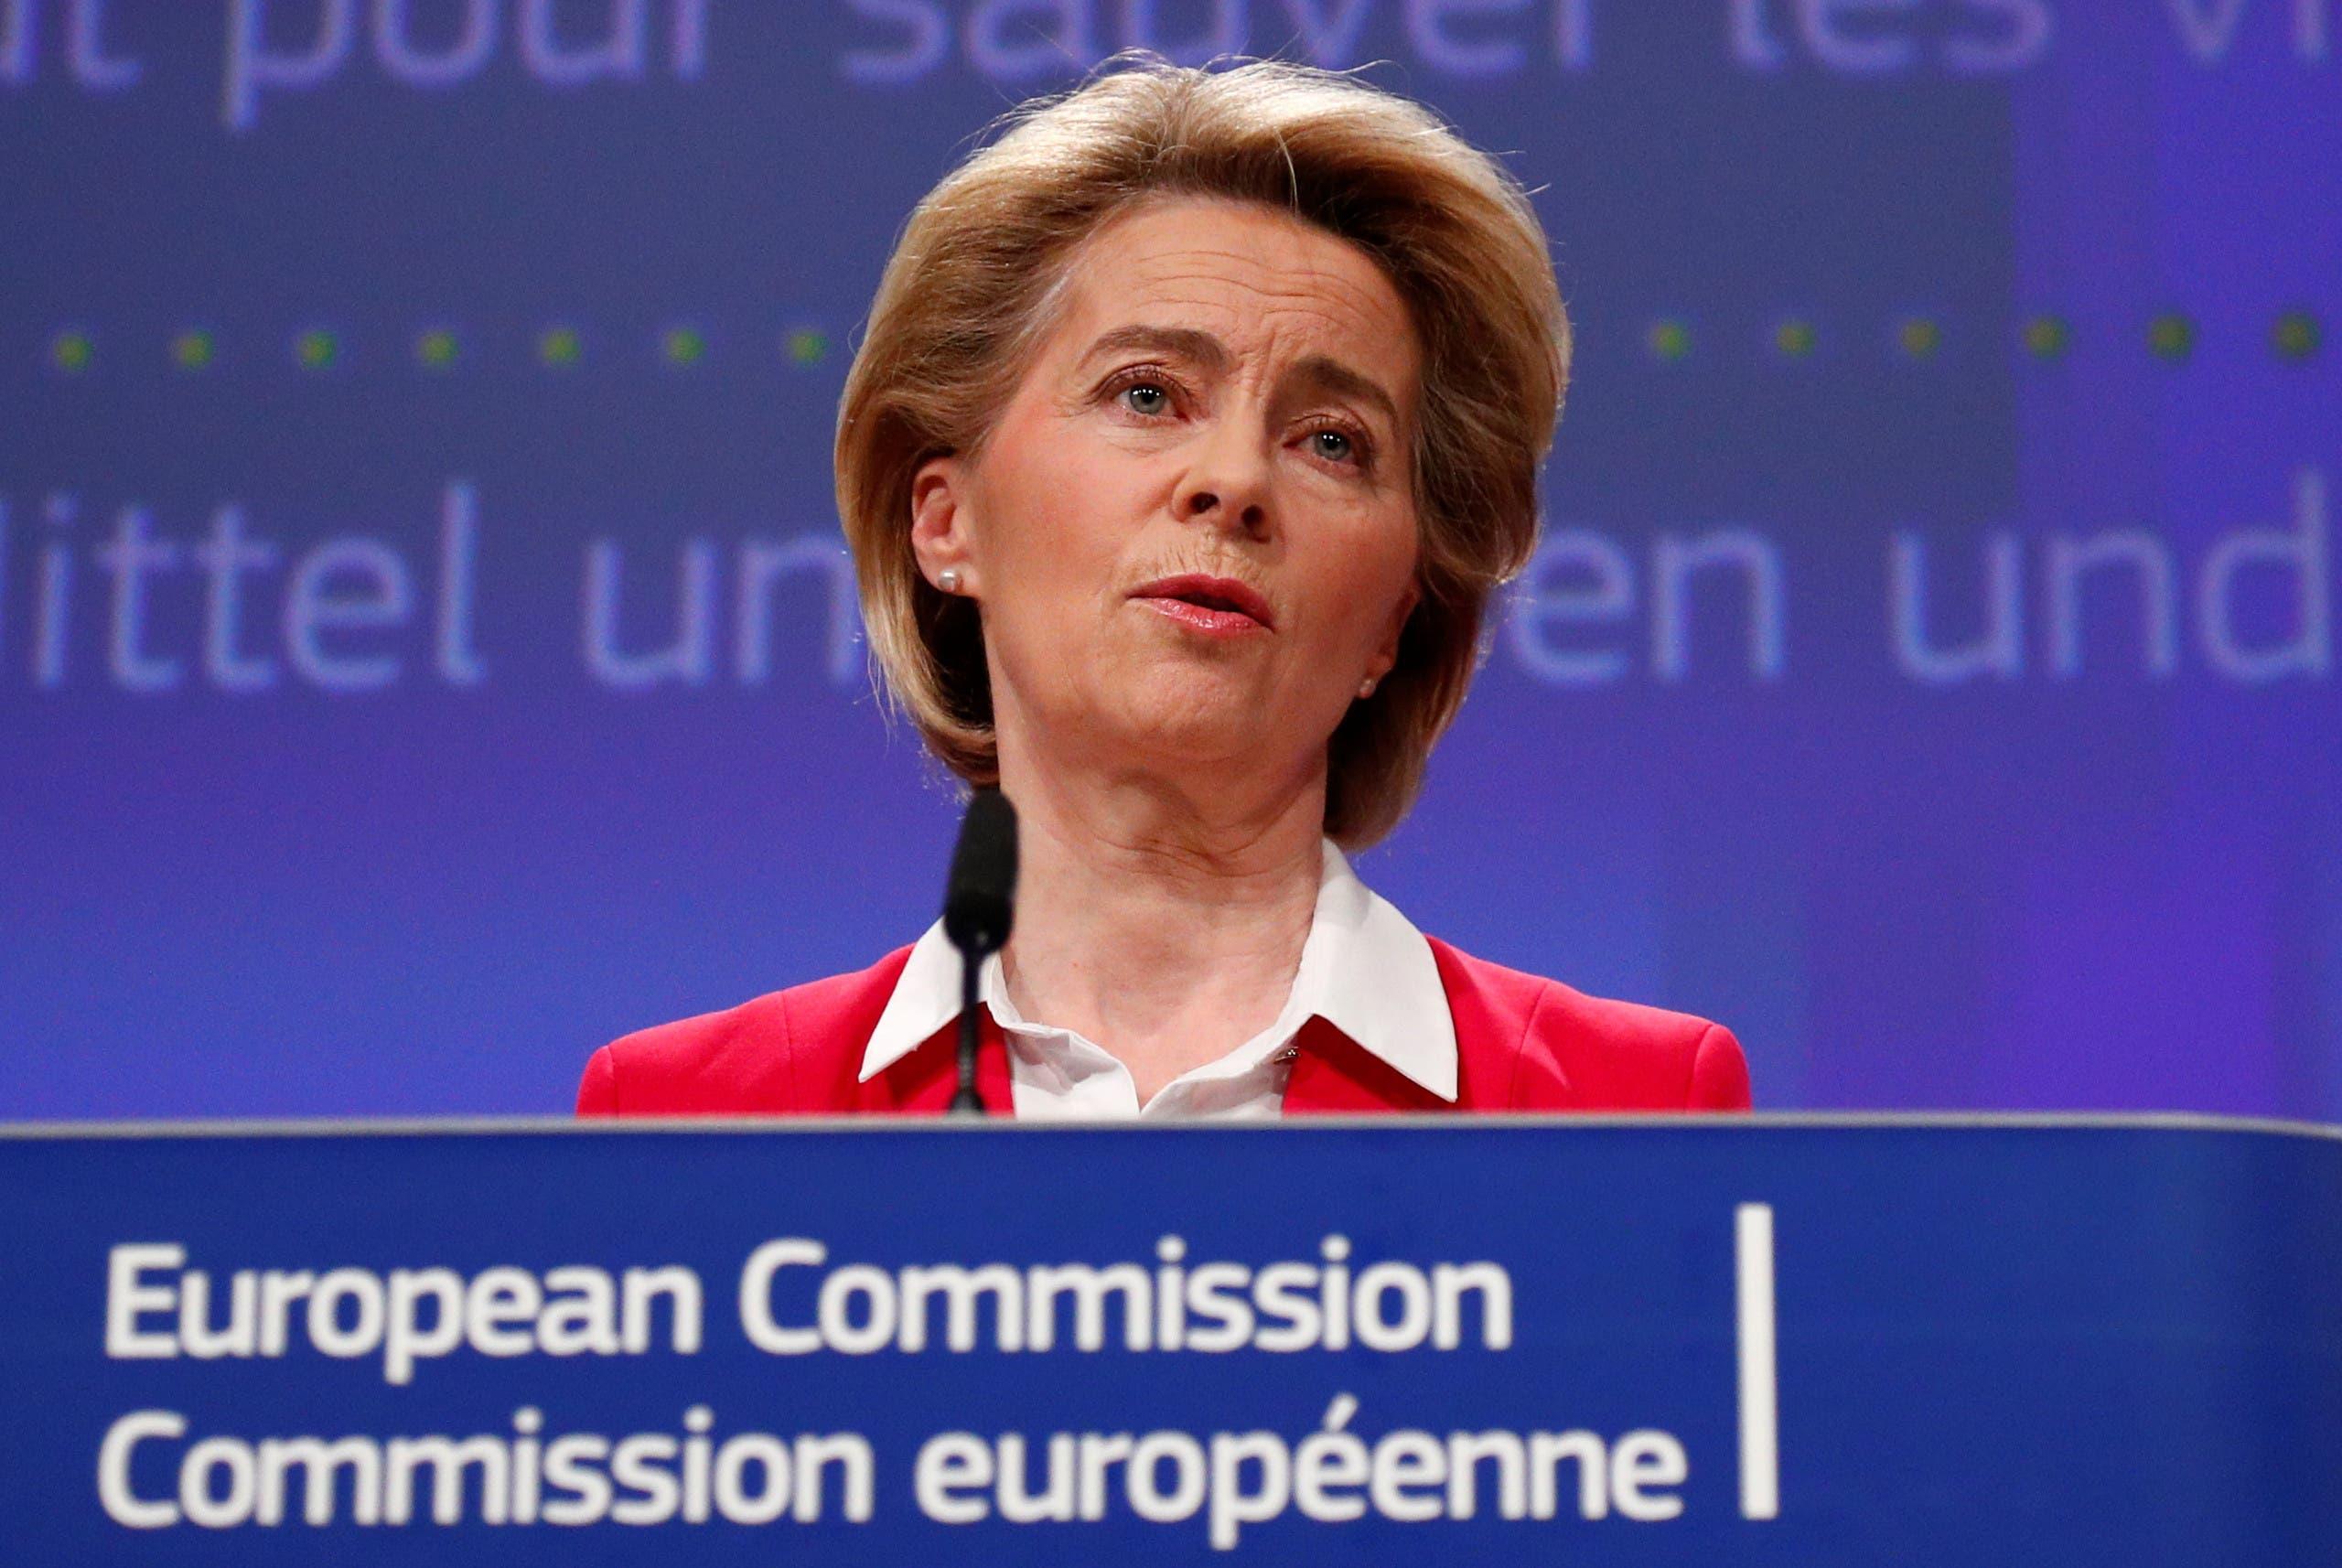 رئيسة المفوضية الأوروبية أورسولا فون دير لاين خلال مؤتمر صحفي اليوم في بروكسل